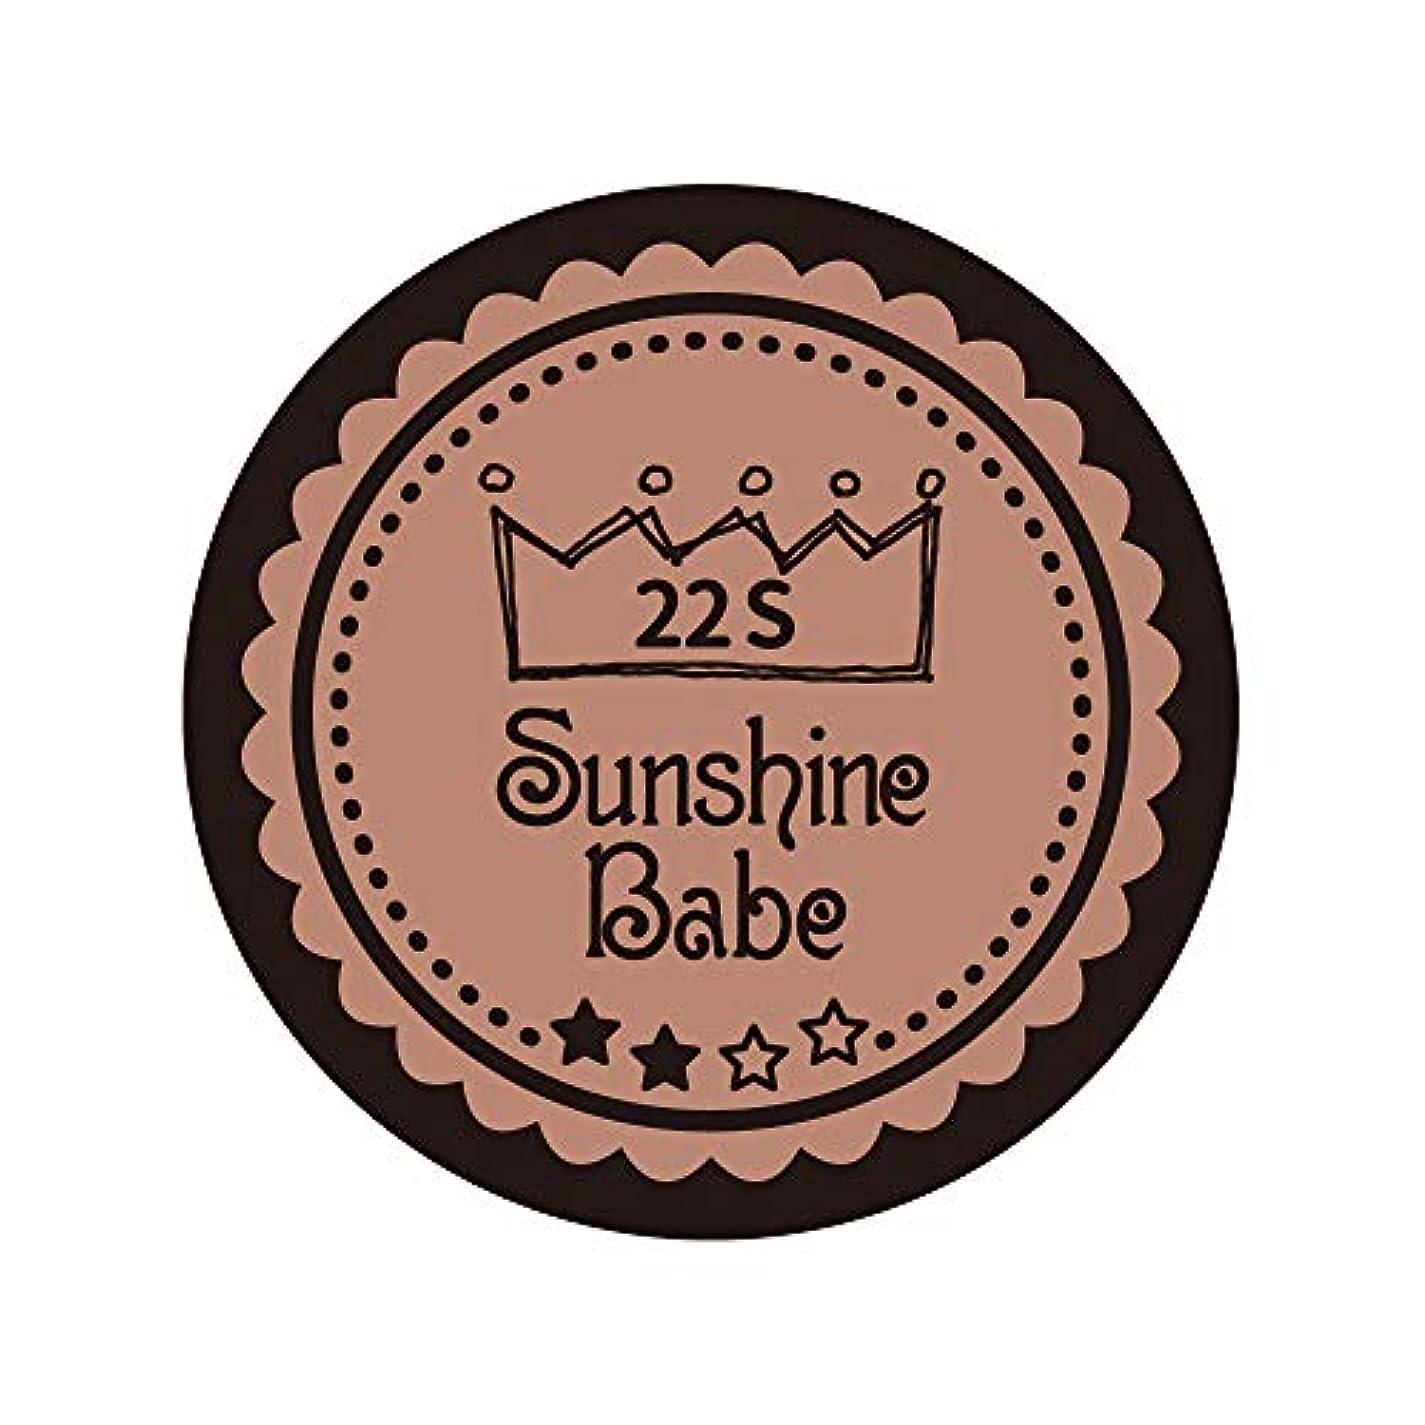 債務手書き書くSunshine Babe カラージェル 22S パレロワイヤル 2.7g UV/LED対応